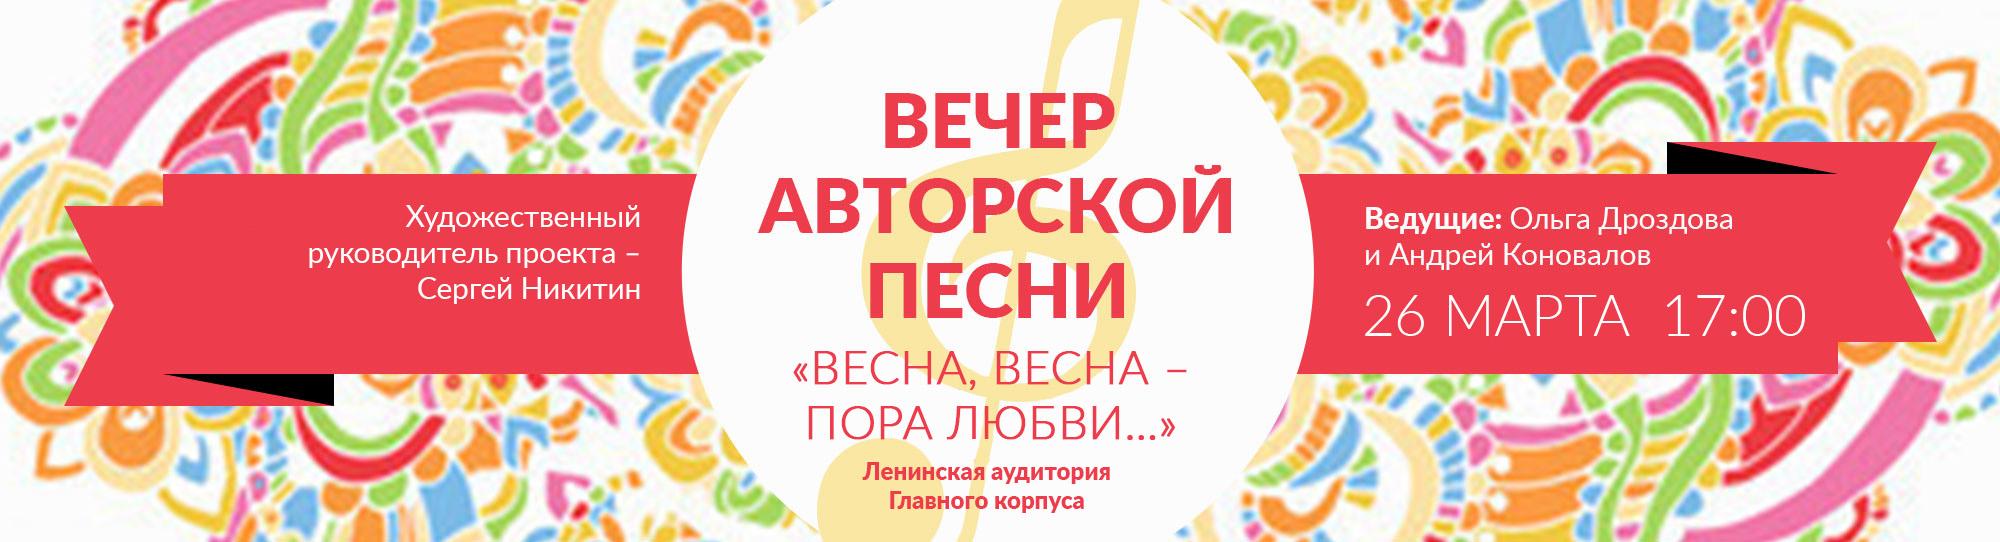 mpgu-site-big-banner-Avtorskaya-pesnya _никитин2019